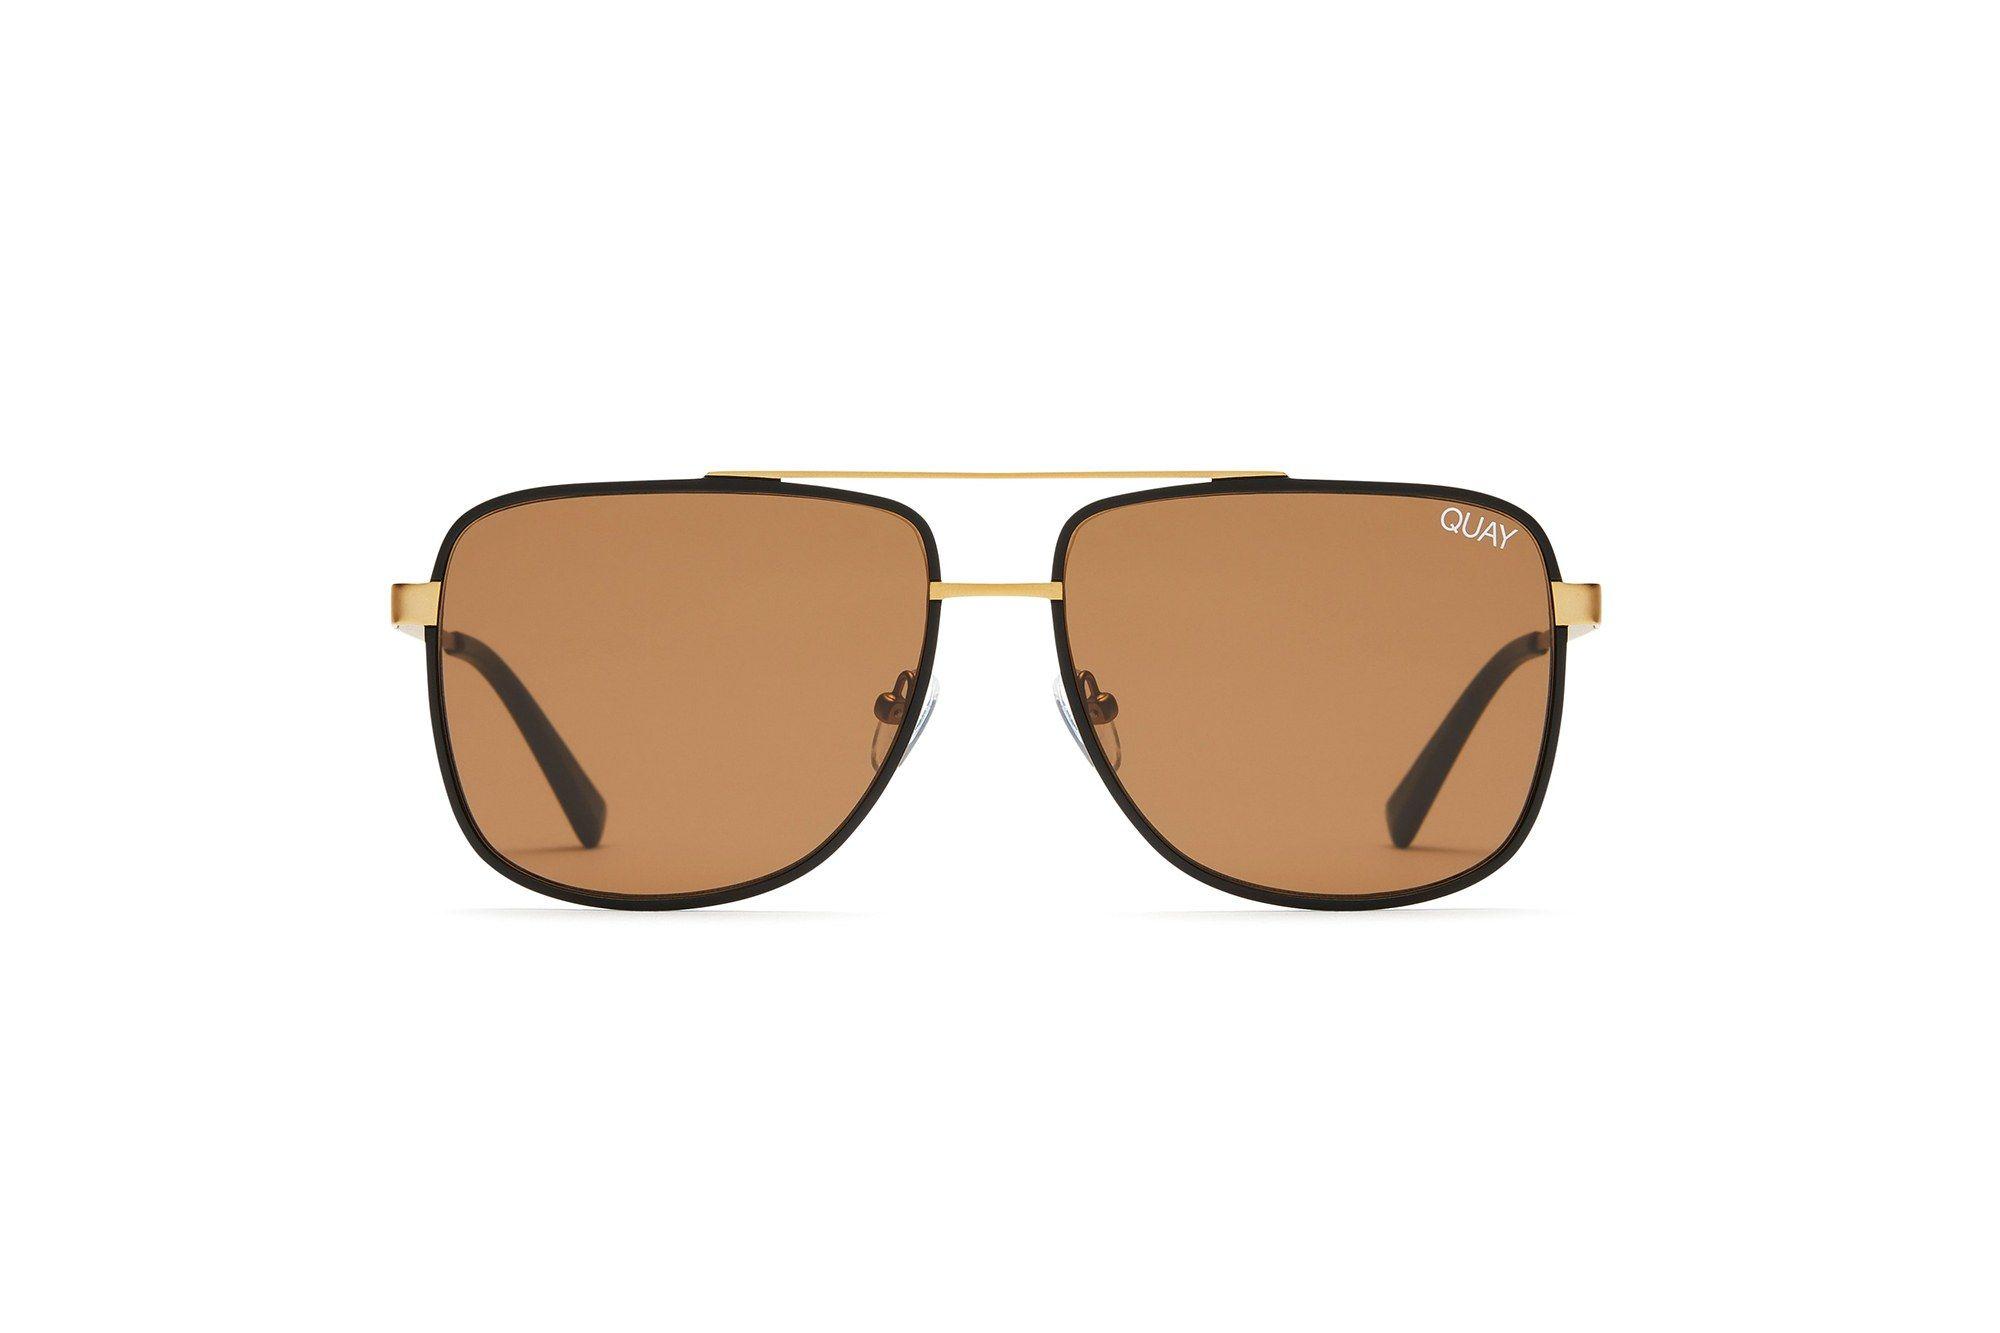 eb106a143c 5 Pairs of Badass Aviator Sunglasses Under  175